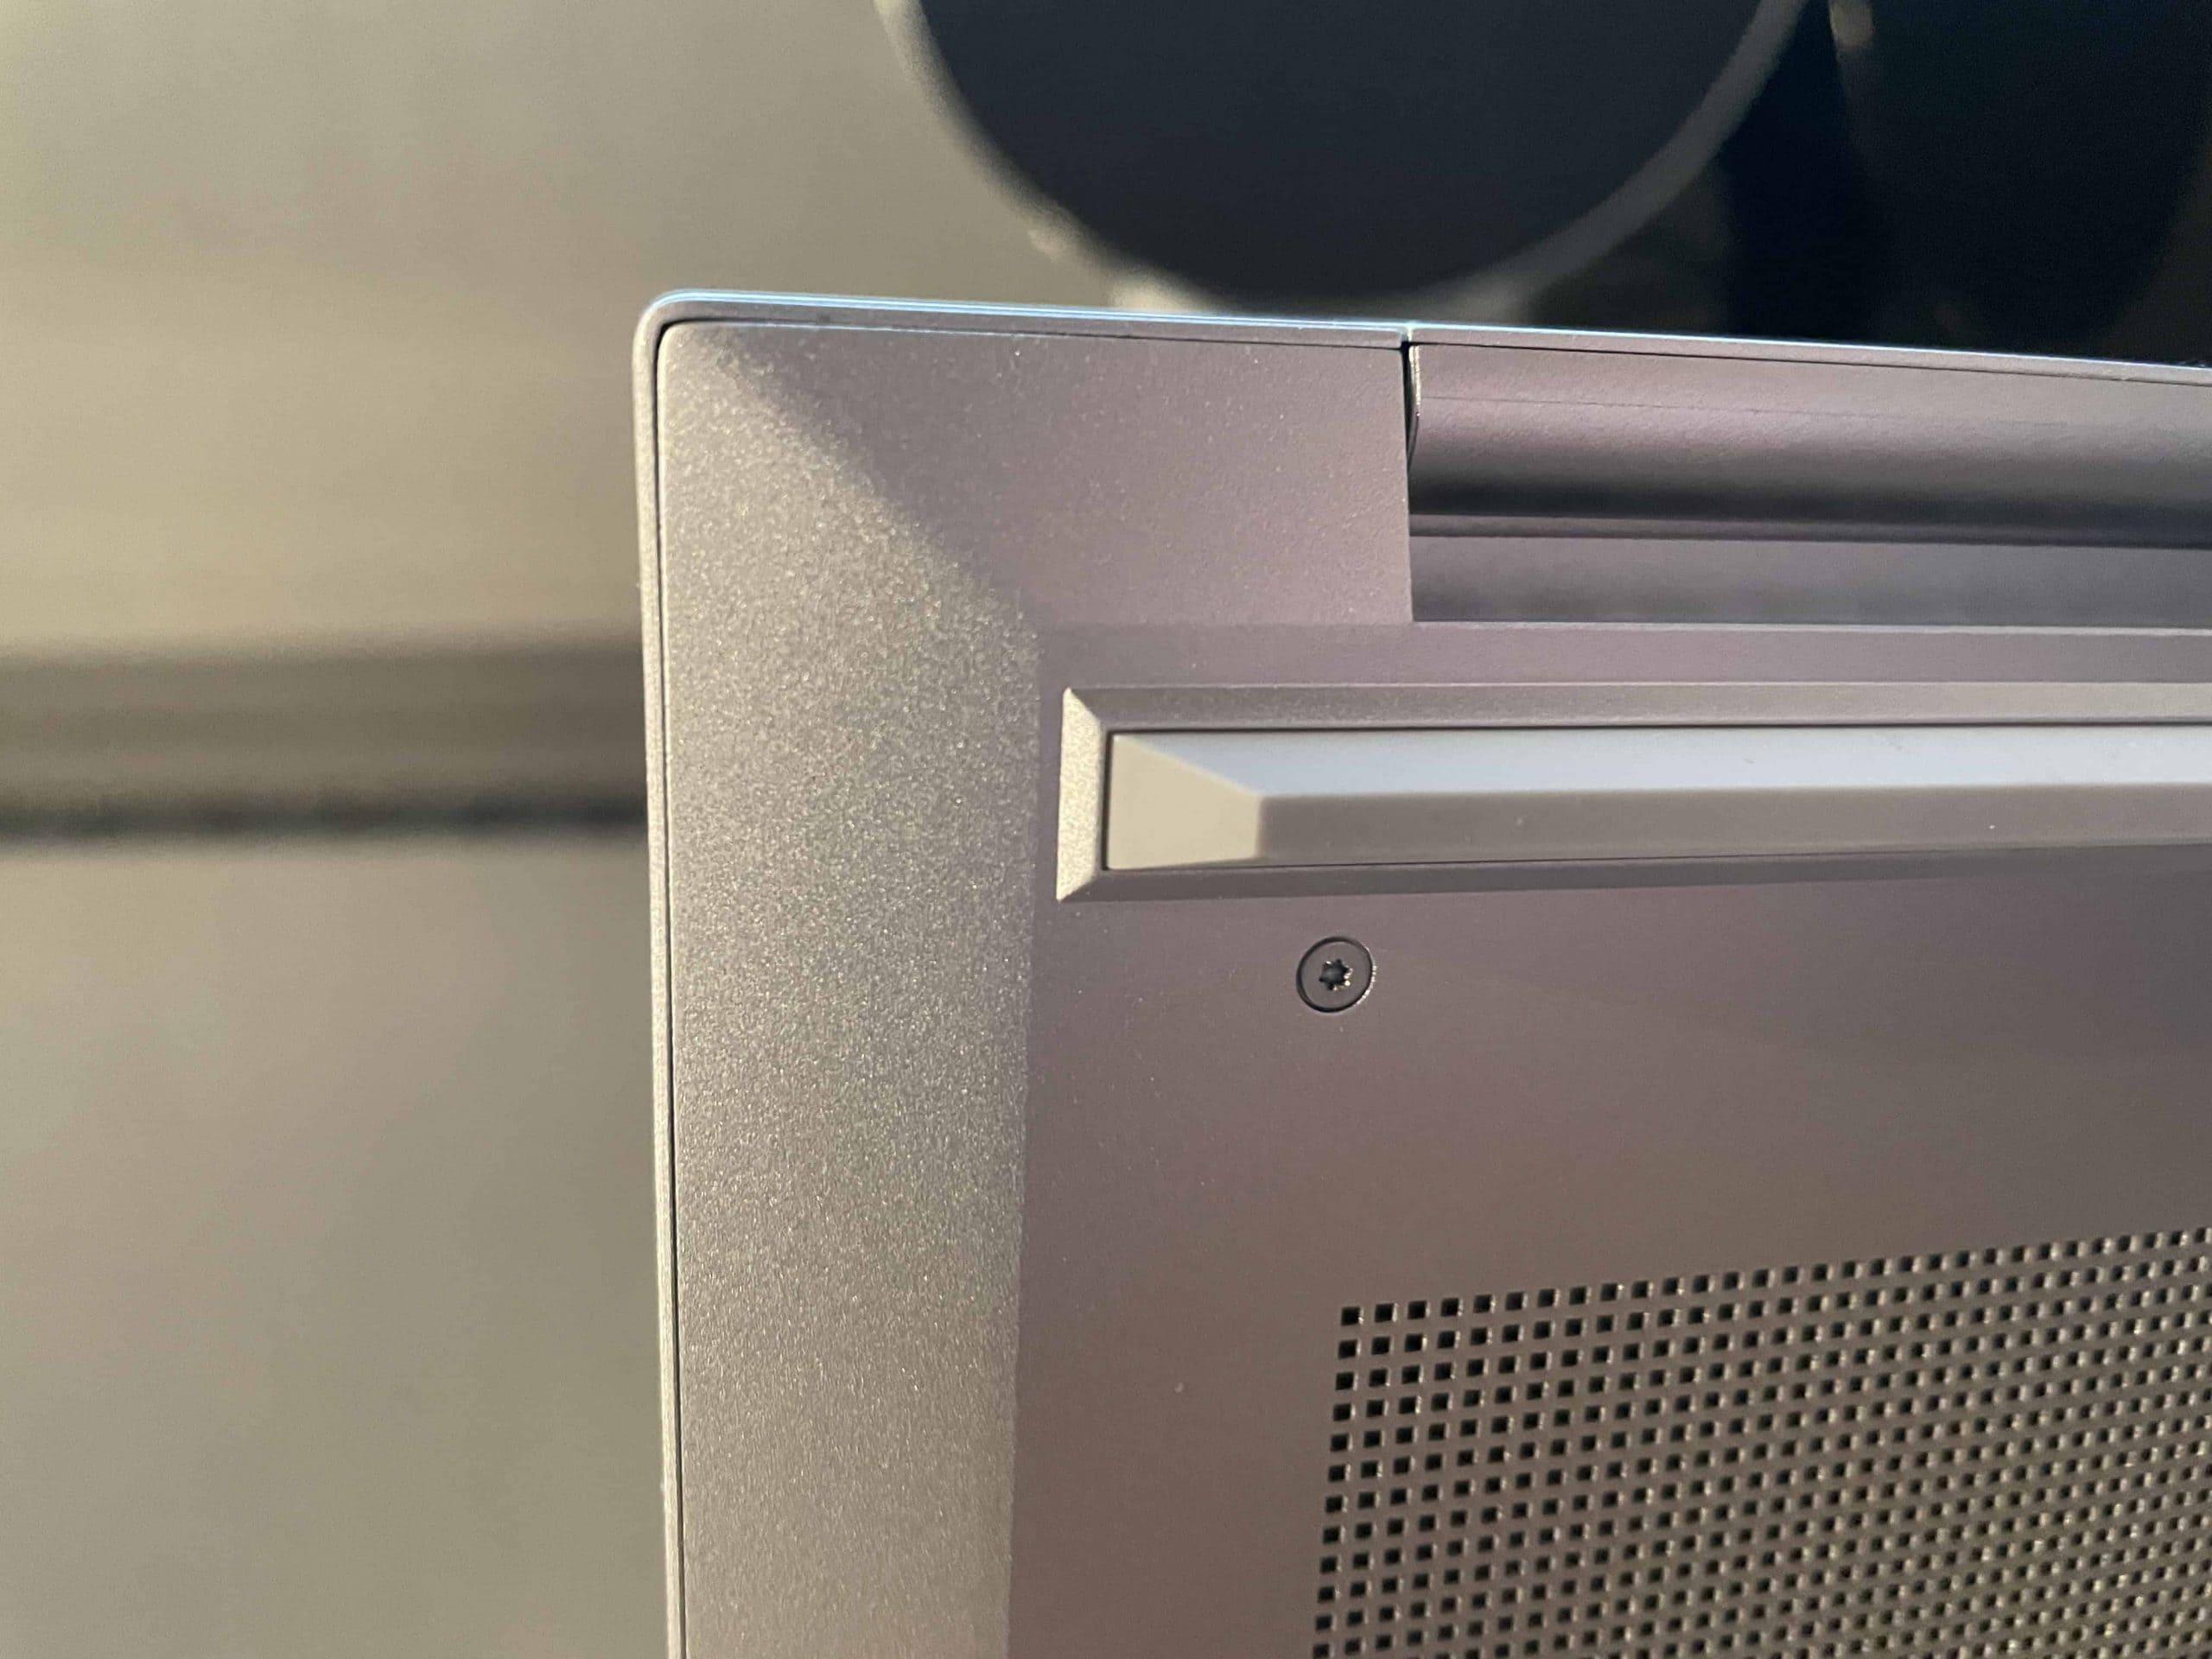 HP Envy 14 Bildschirm